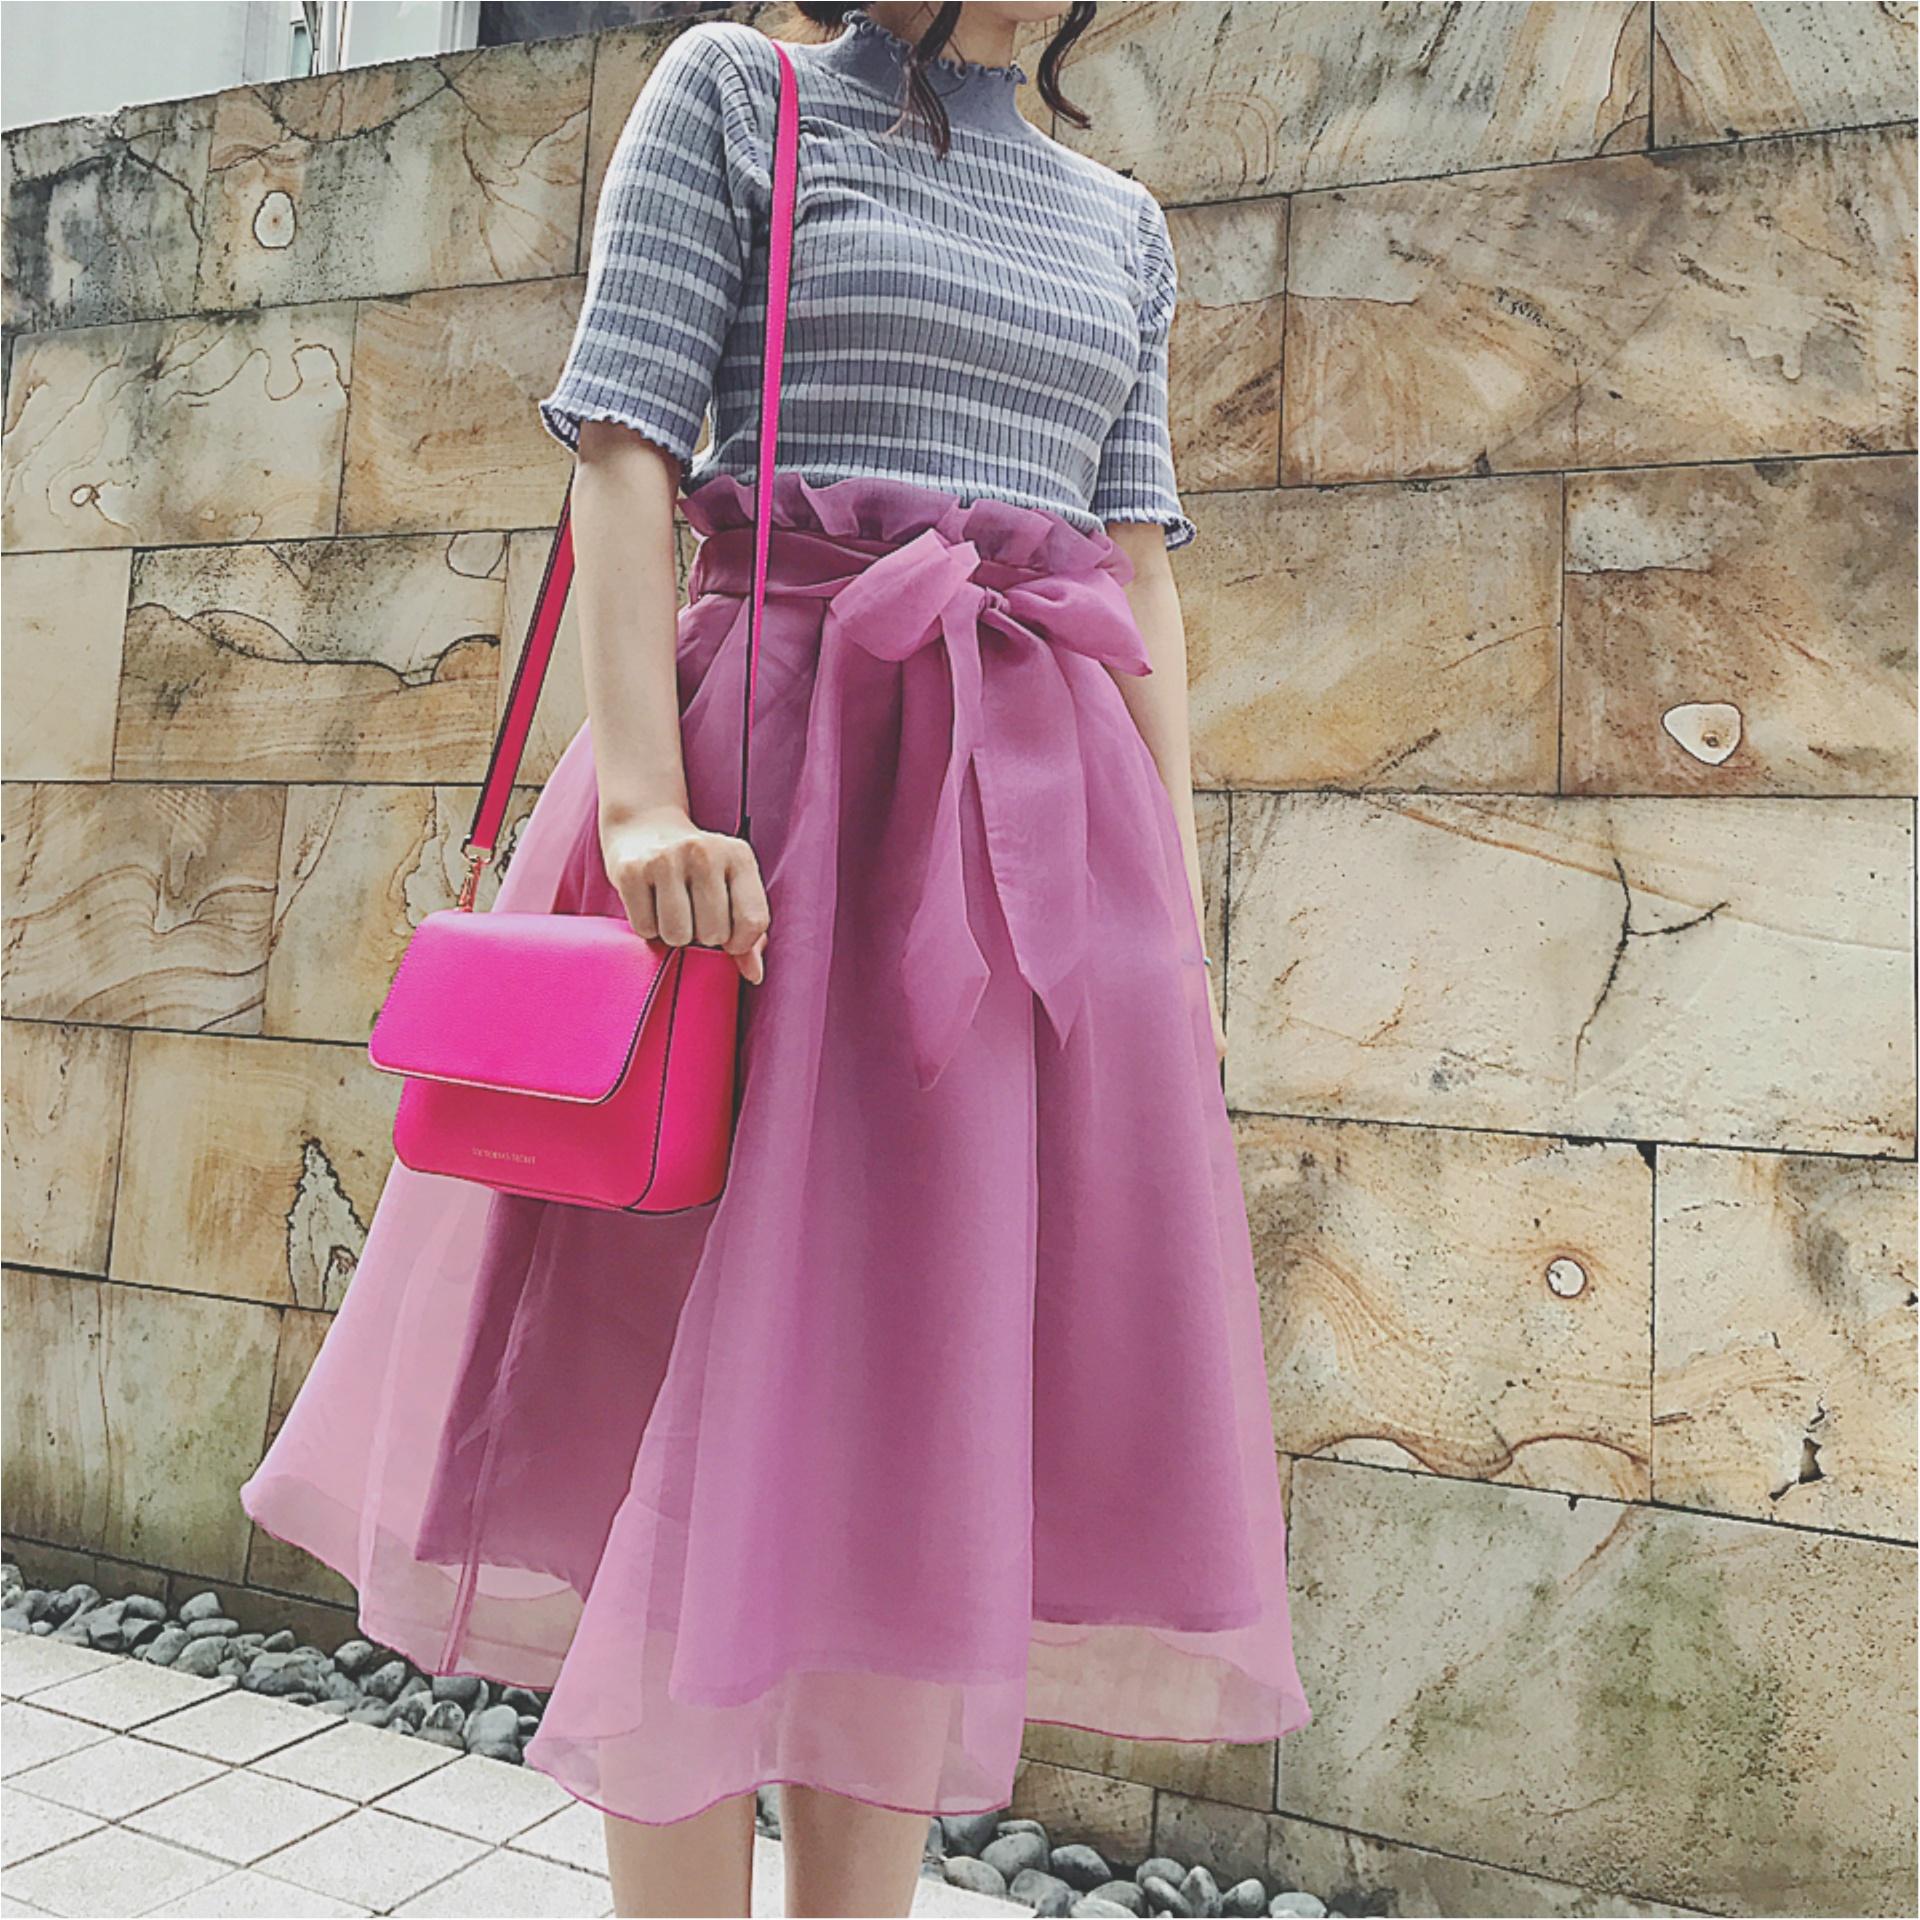 ★やっぱりビビットカラーが好き♡ビビットピンクのショルダーバッグが意外と使えるんです★_3